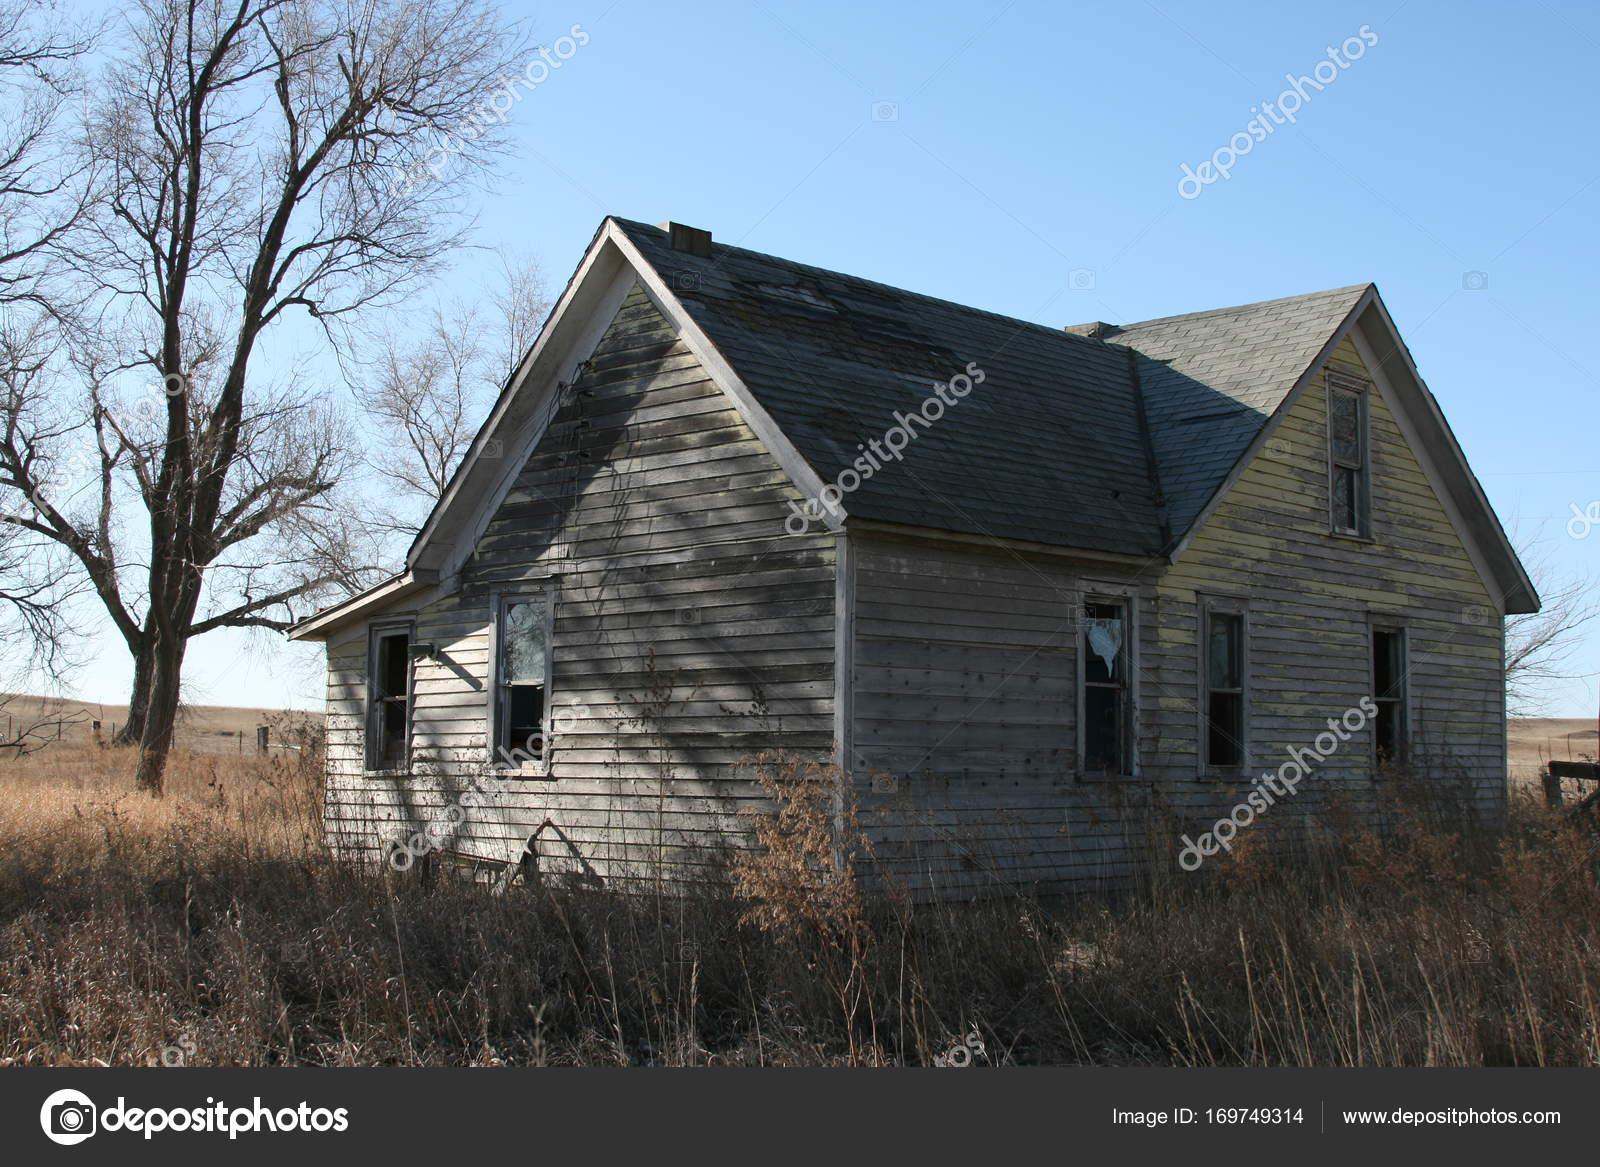 Abandoned Farm Home — Stock Photo © ron ronmckenzie com